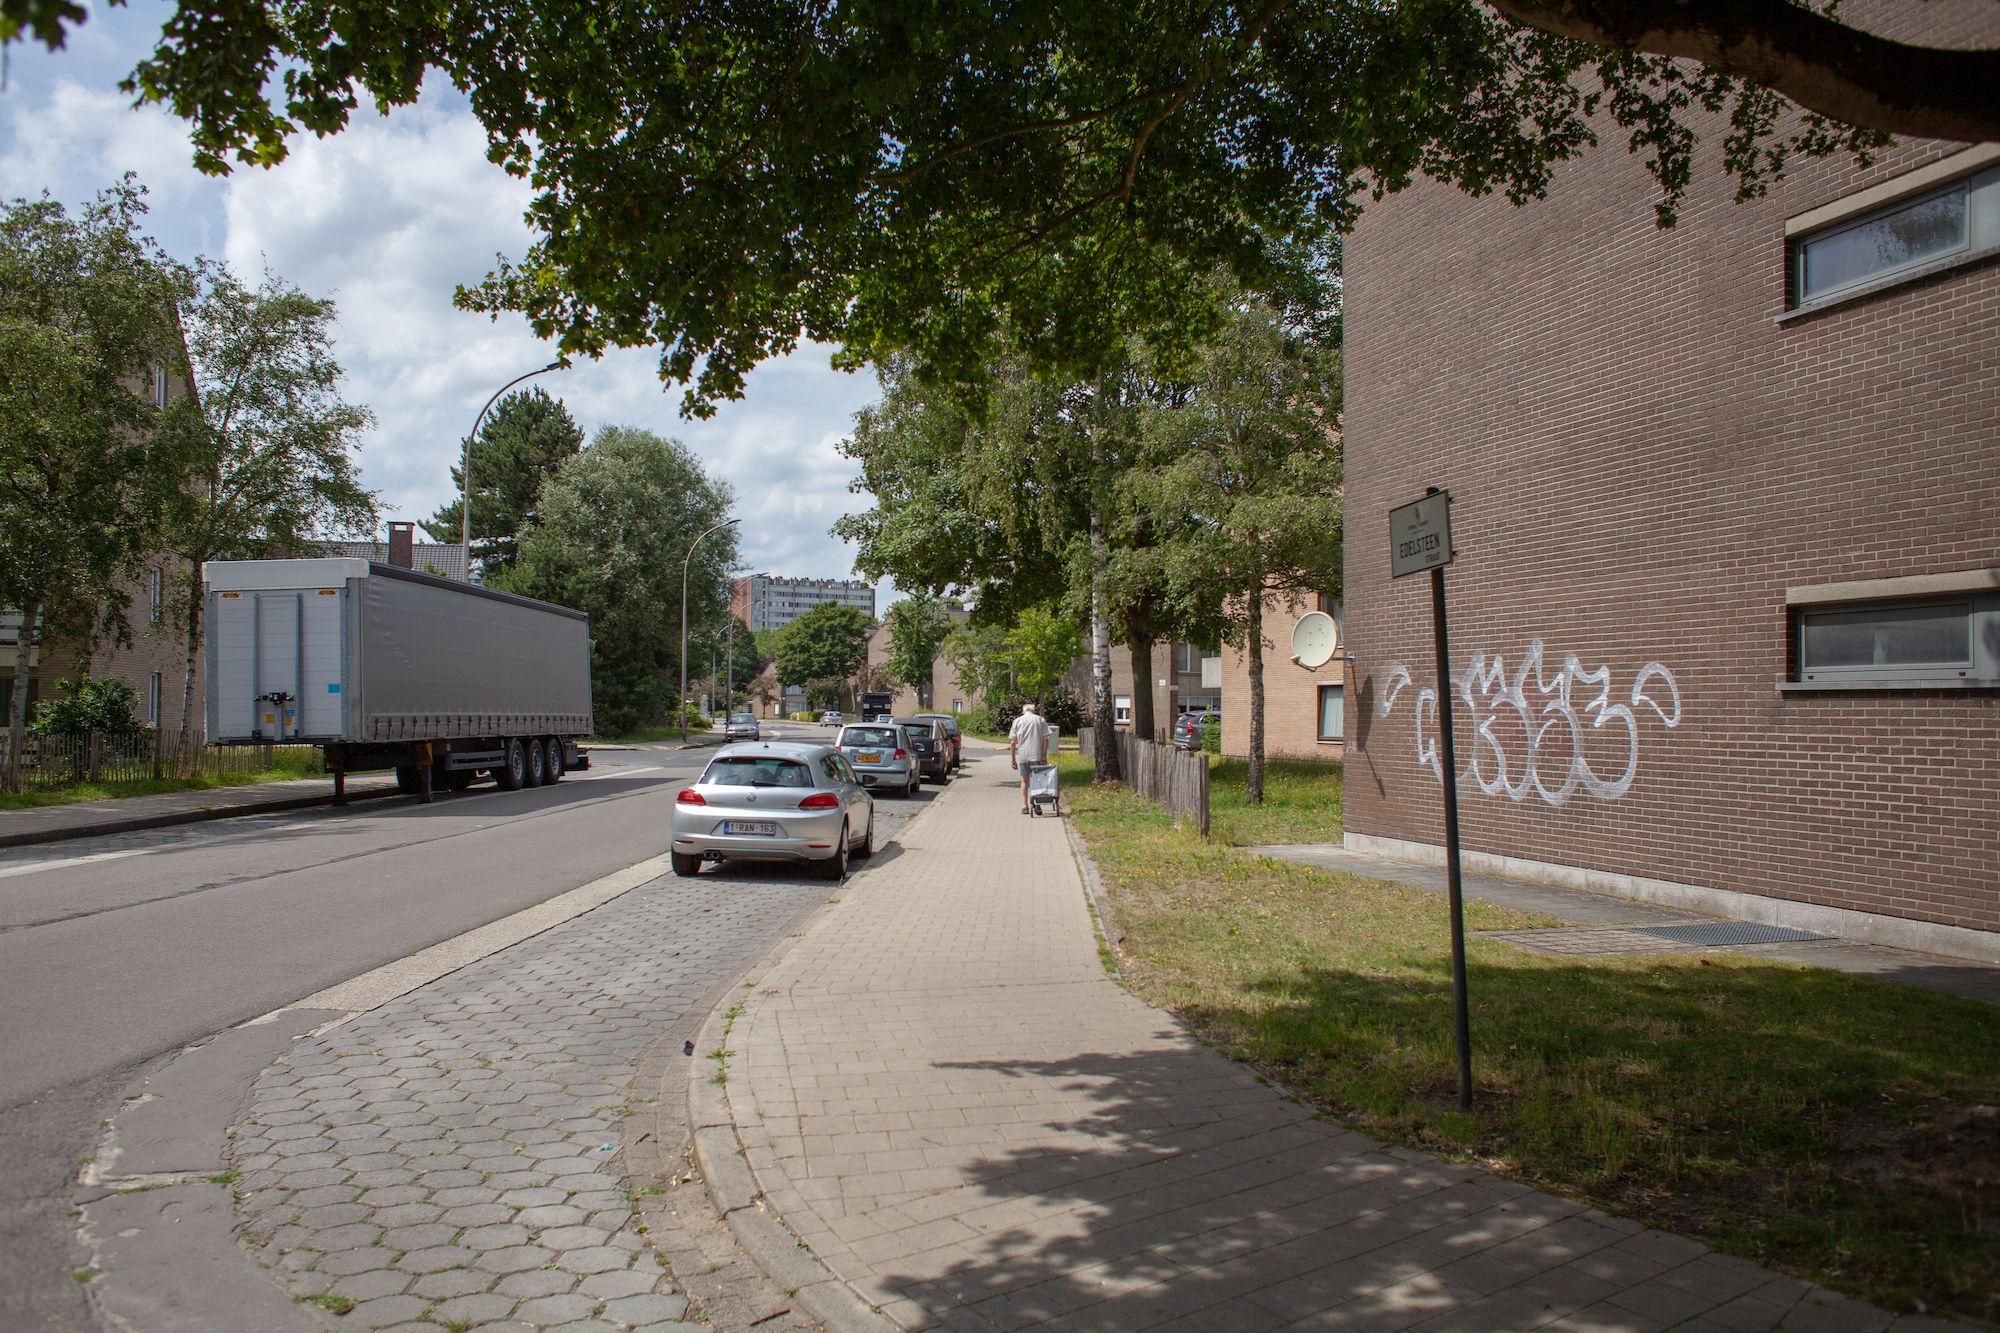 2019-07-01 Nieuw Gent prospectie met Wannes_stadsvernieuwing_IMG_0246-3.jpg